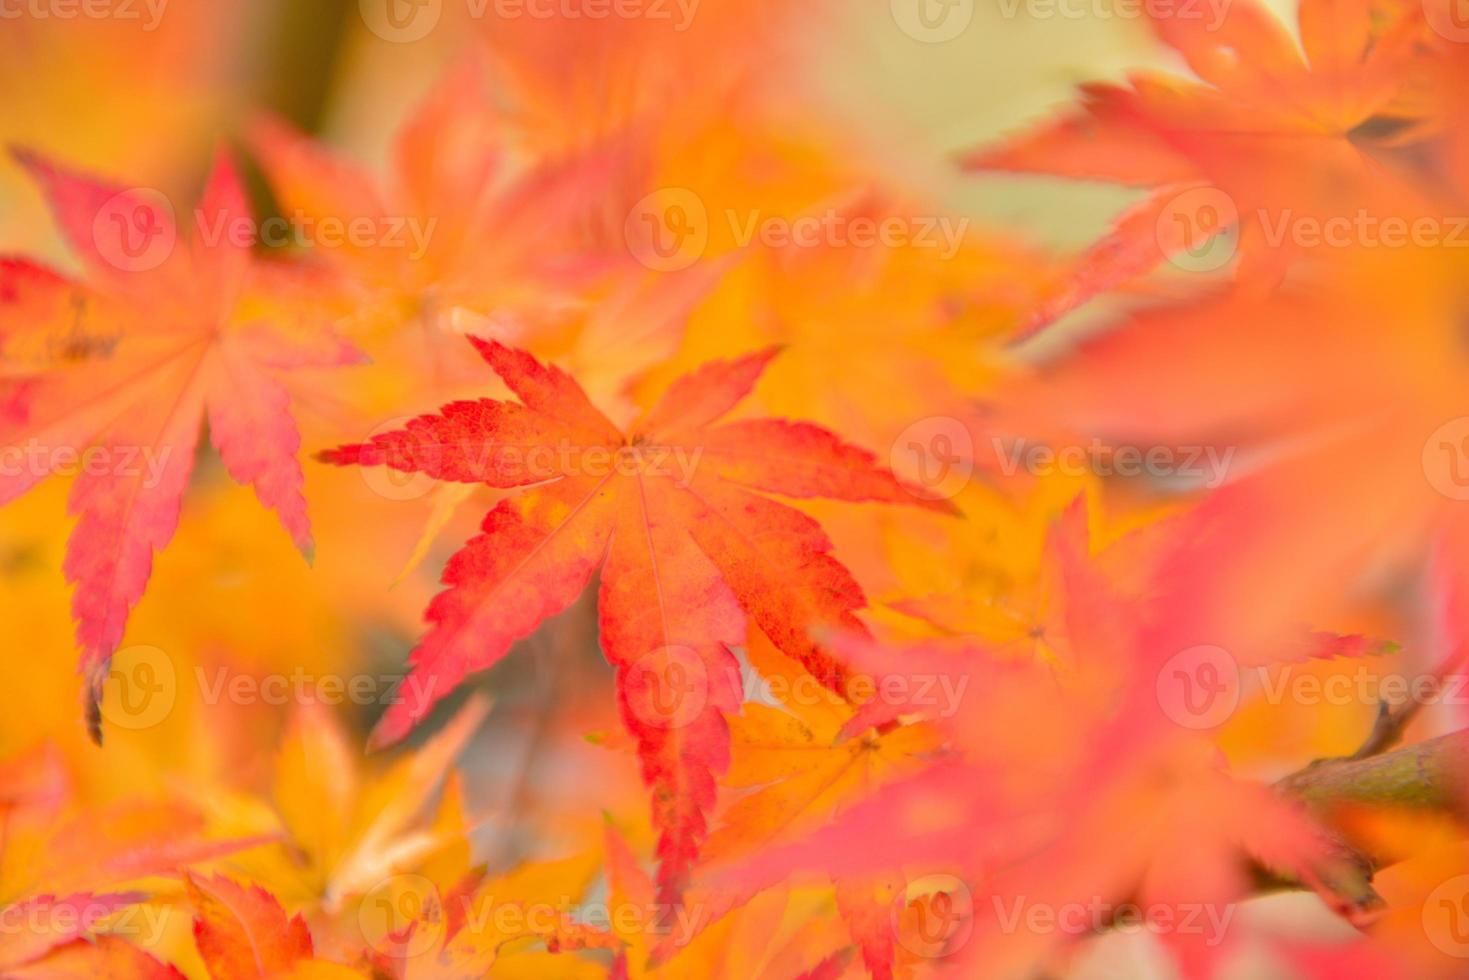 couleurs d'automne des feuilles d'érable japonais photo